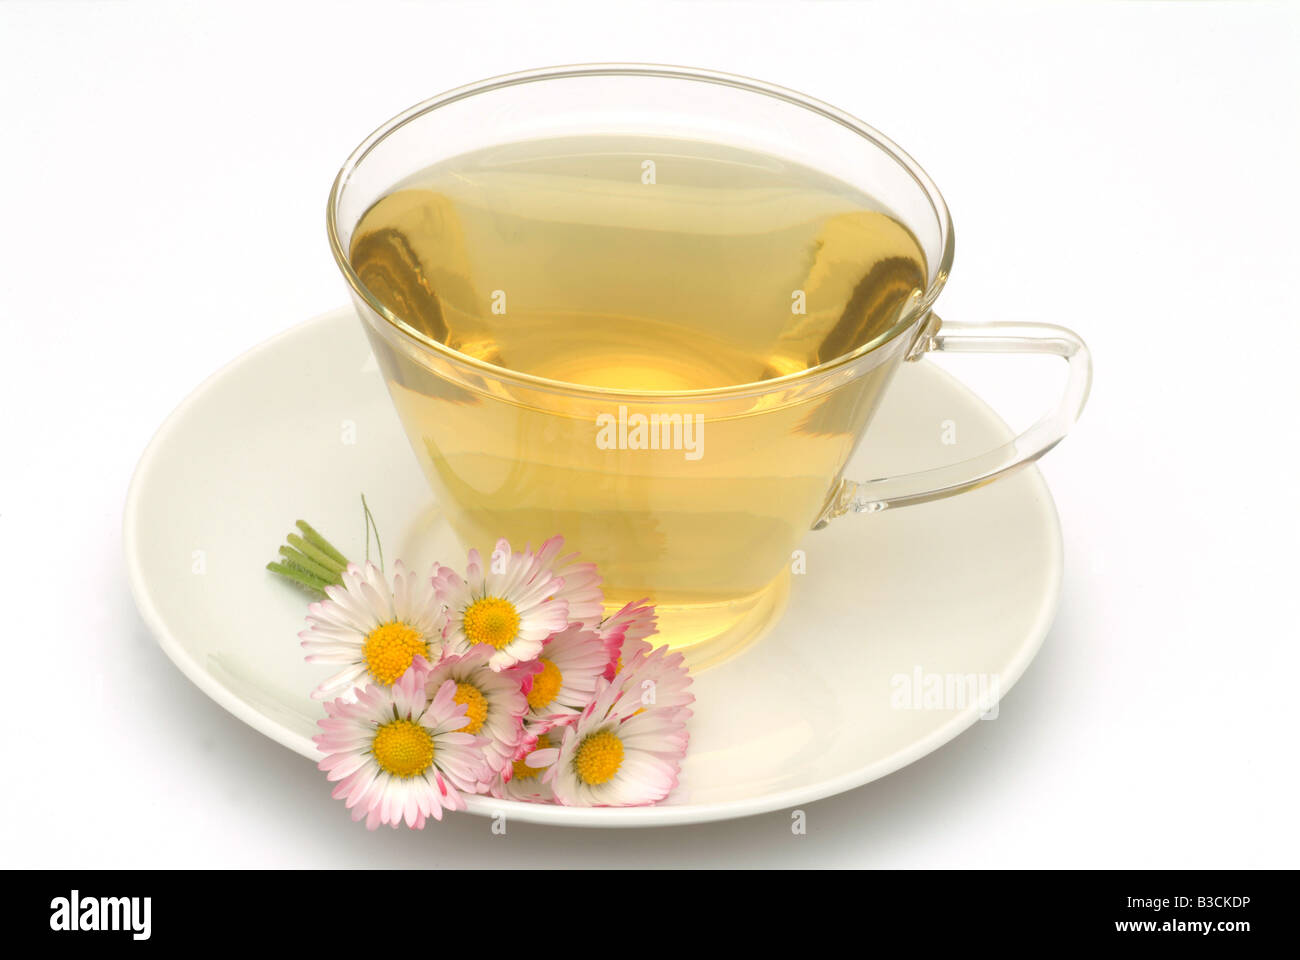 Faite de thé médicinal fleurs fraîches Daisy et tasse de thé herb plante médicinale Margheritina Photo Stock